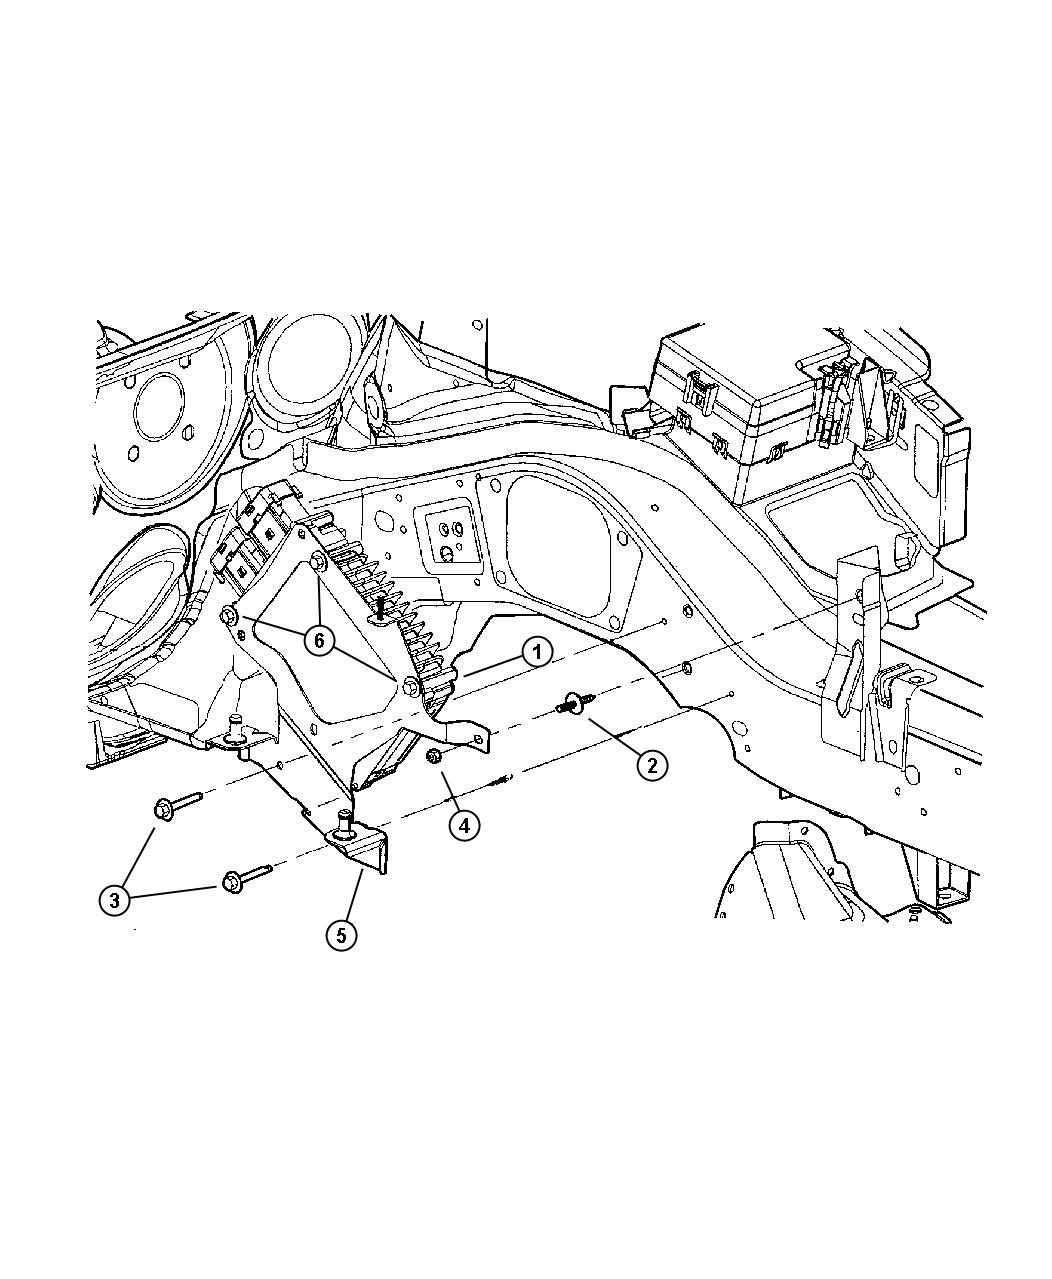 2001 Dodge Stratus SE SEDAN 2.7L V6 24V W/ACTIVE INTAKE, 4